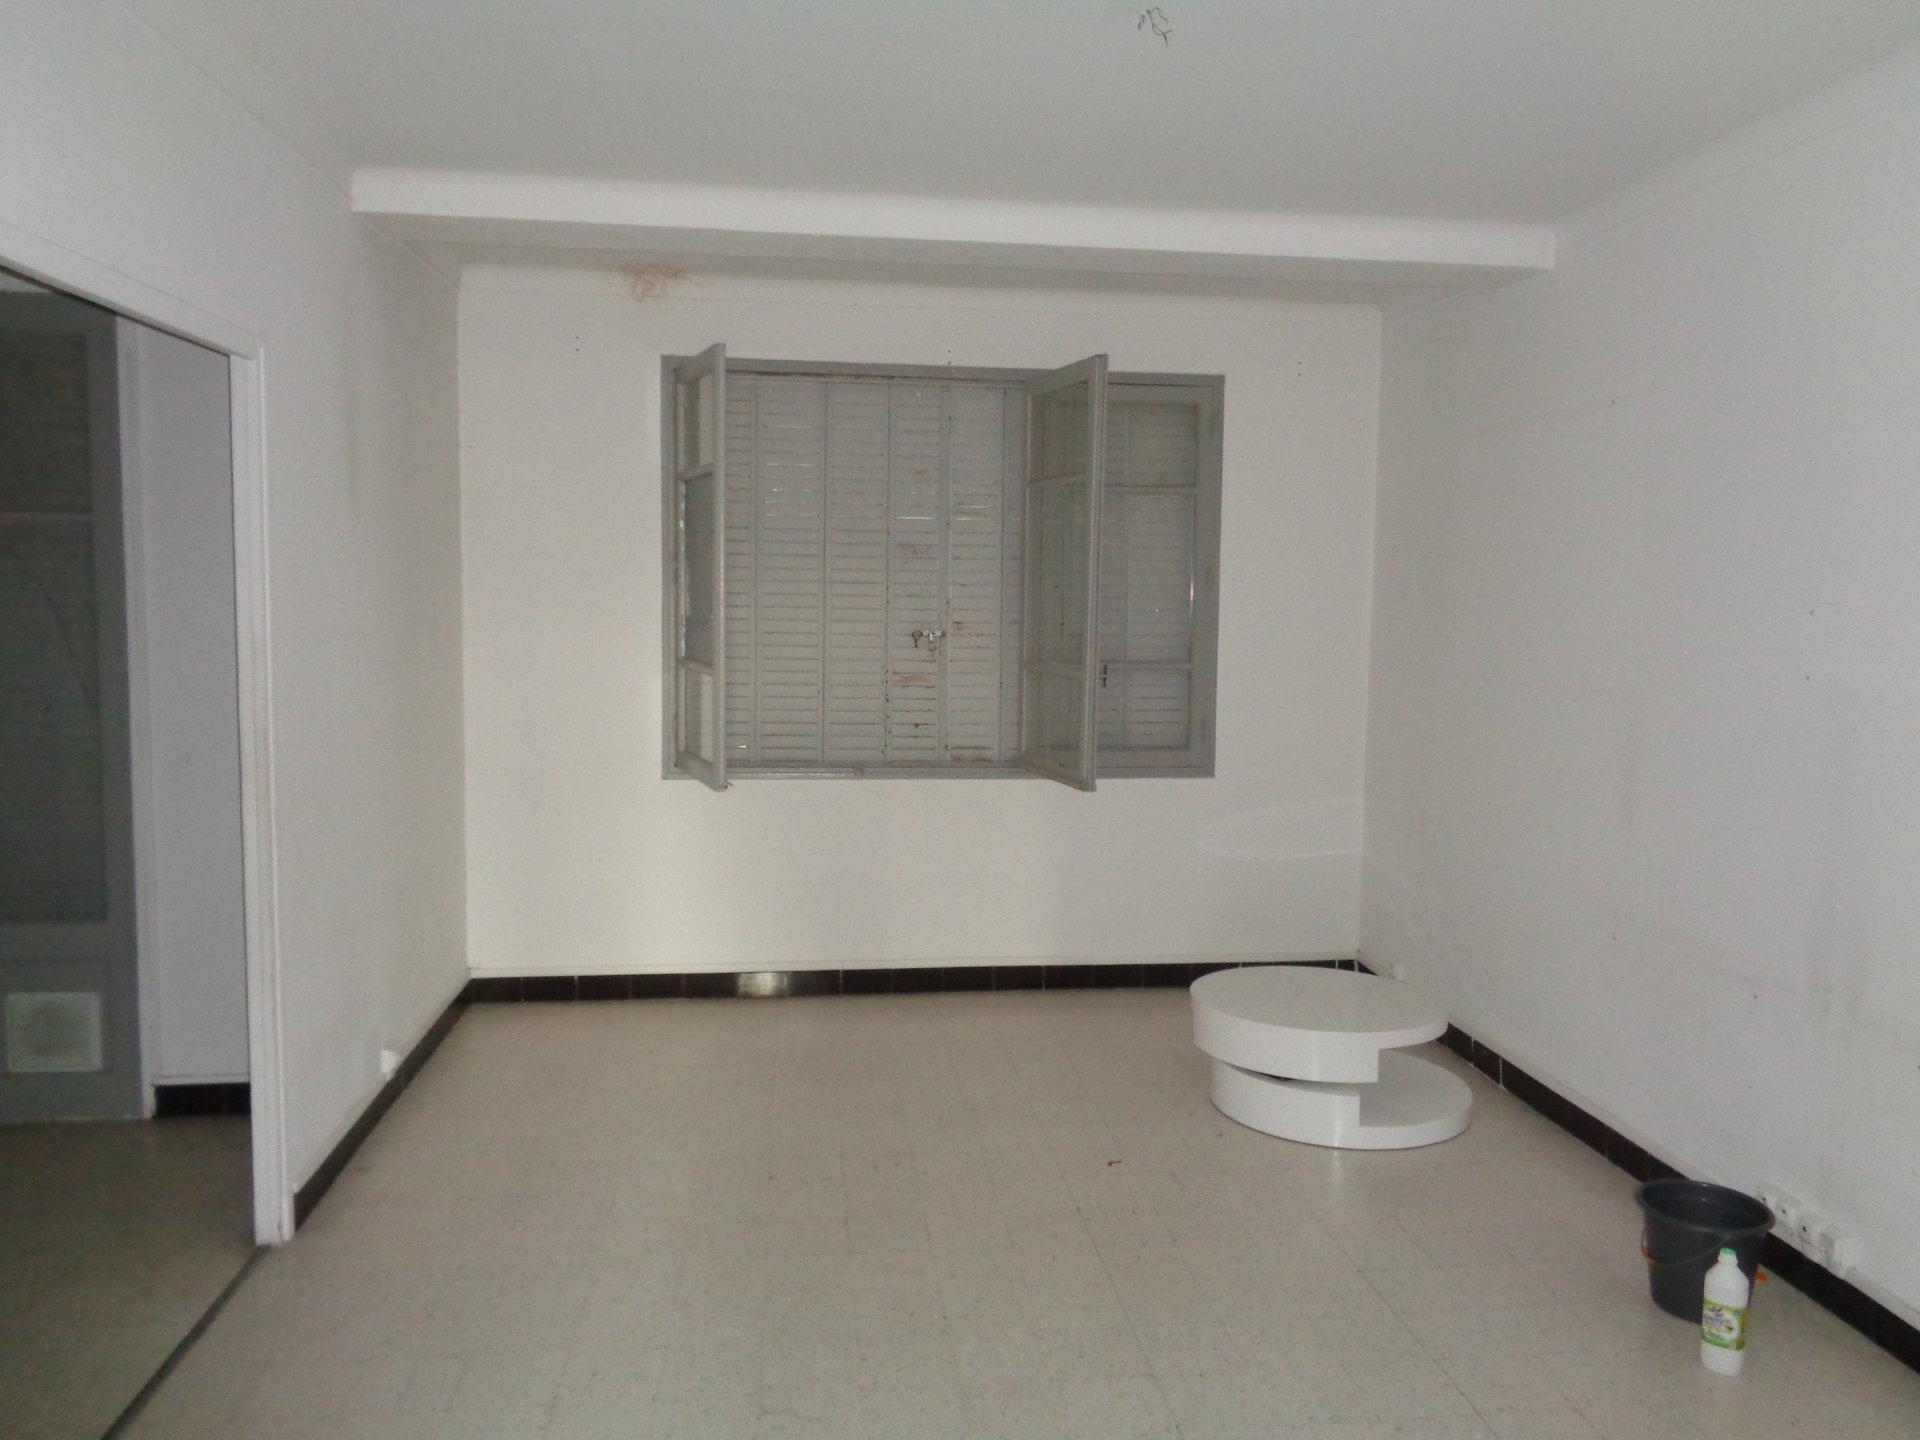 Vente Appartement TARASCON surface habitable de 0 m²